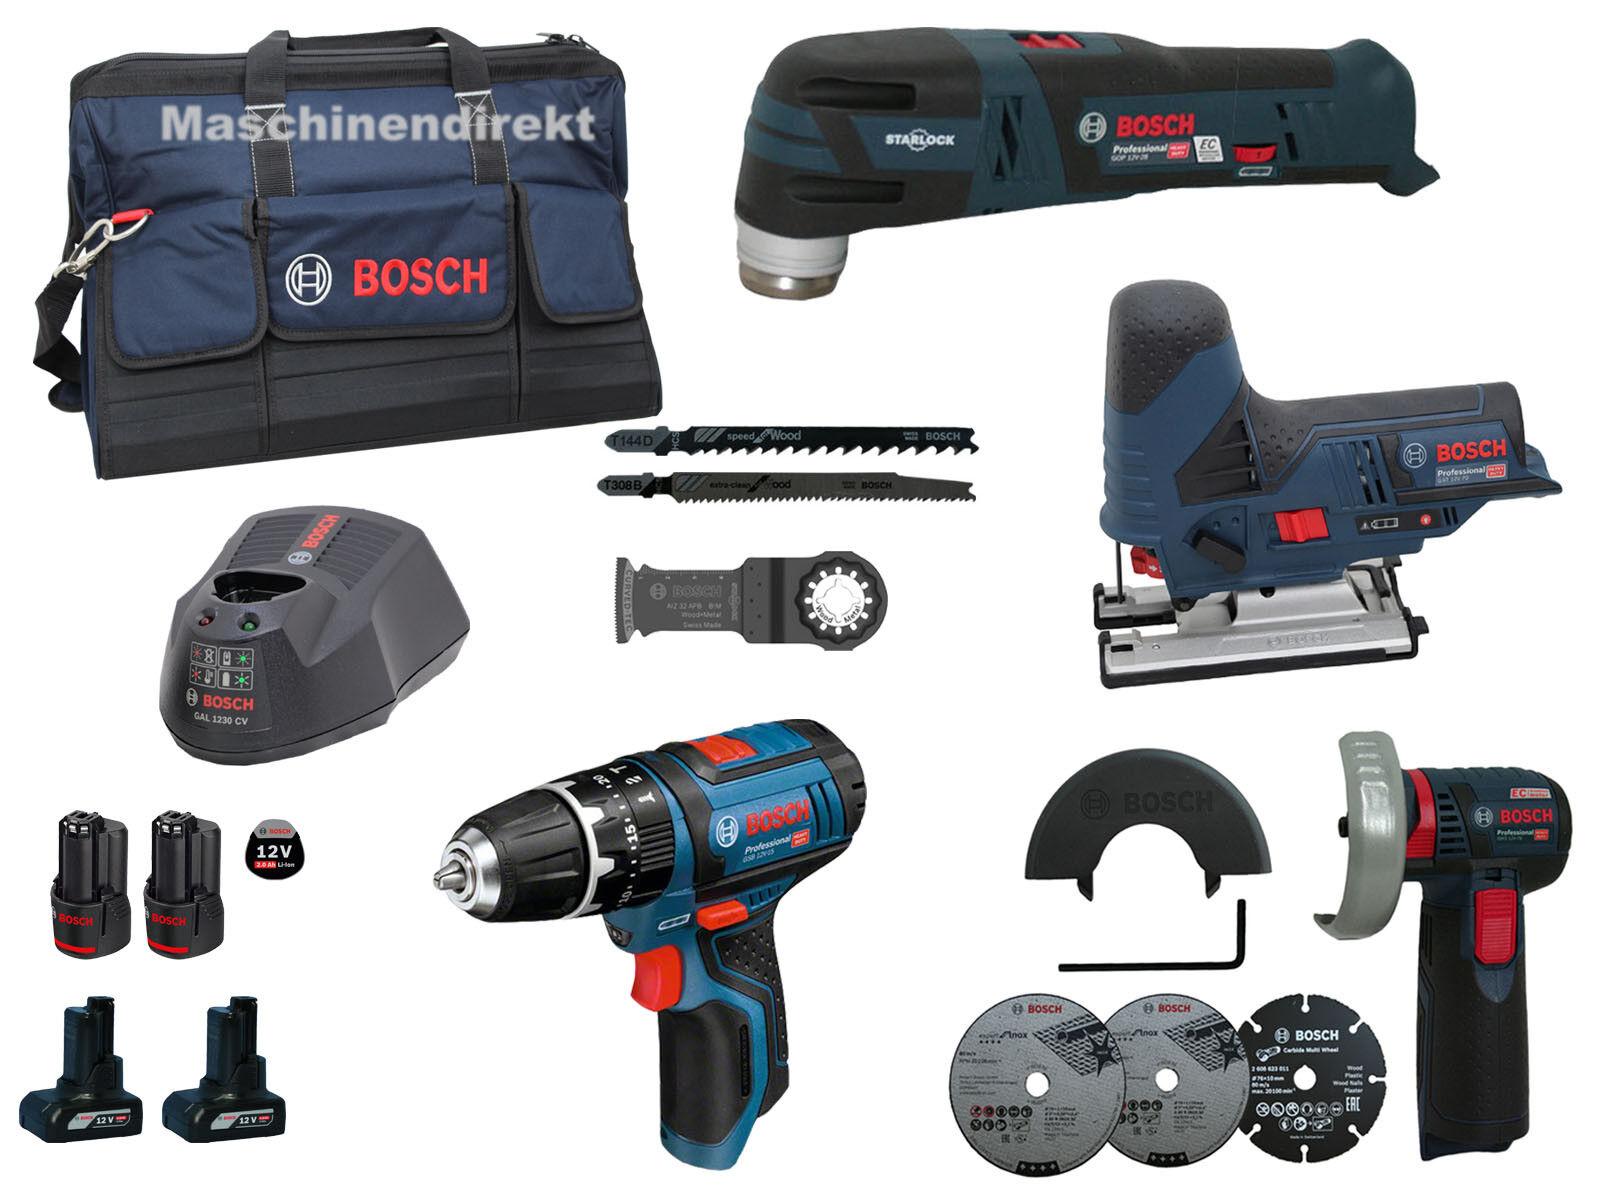 Bosch GSB 12V-15 + GWS 12V-76 + GST 12V-70 + GOP 12V-28 + Akkus in Tasche